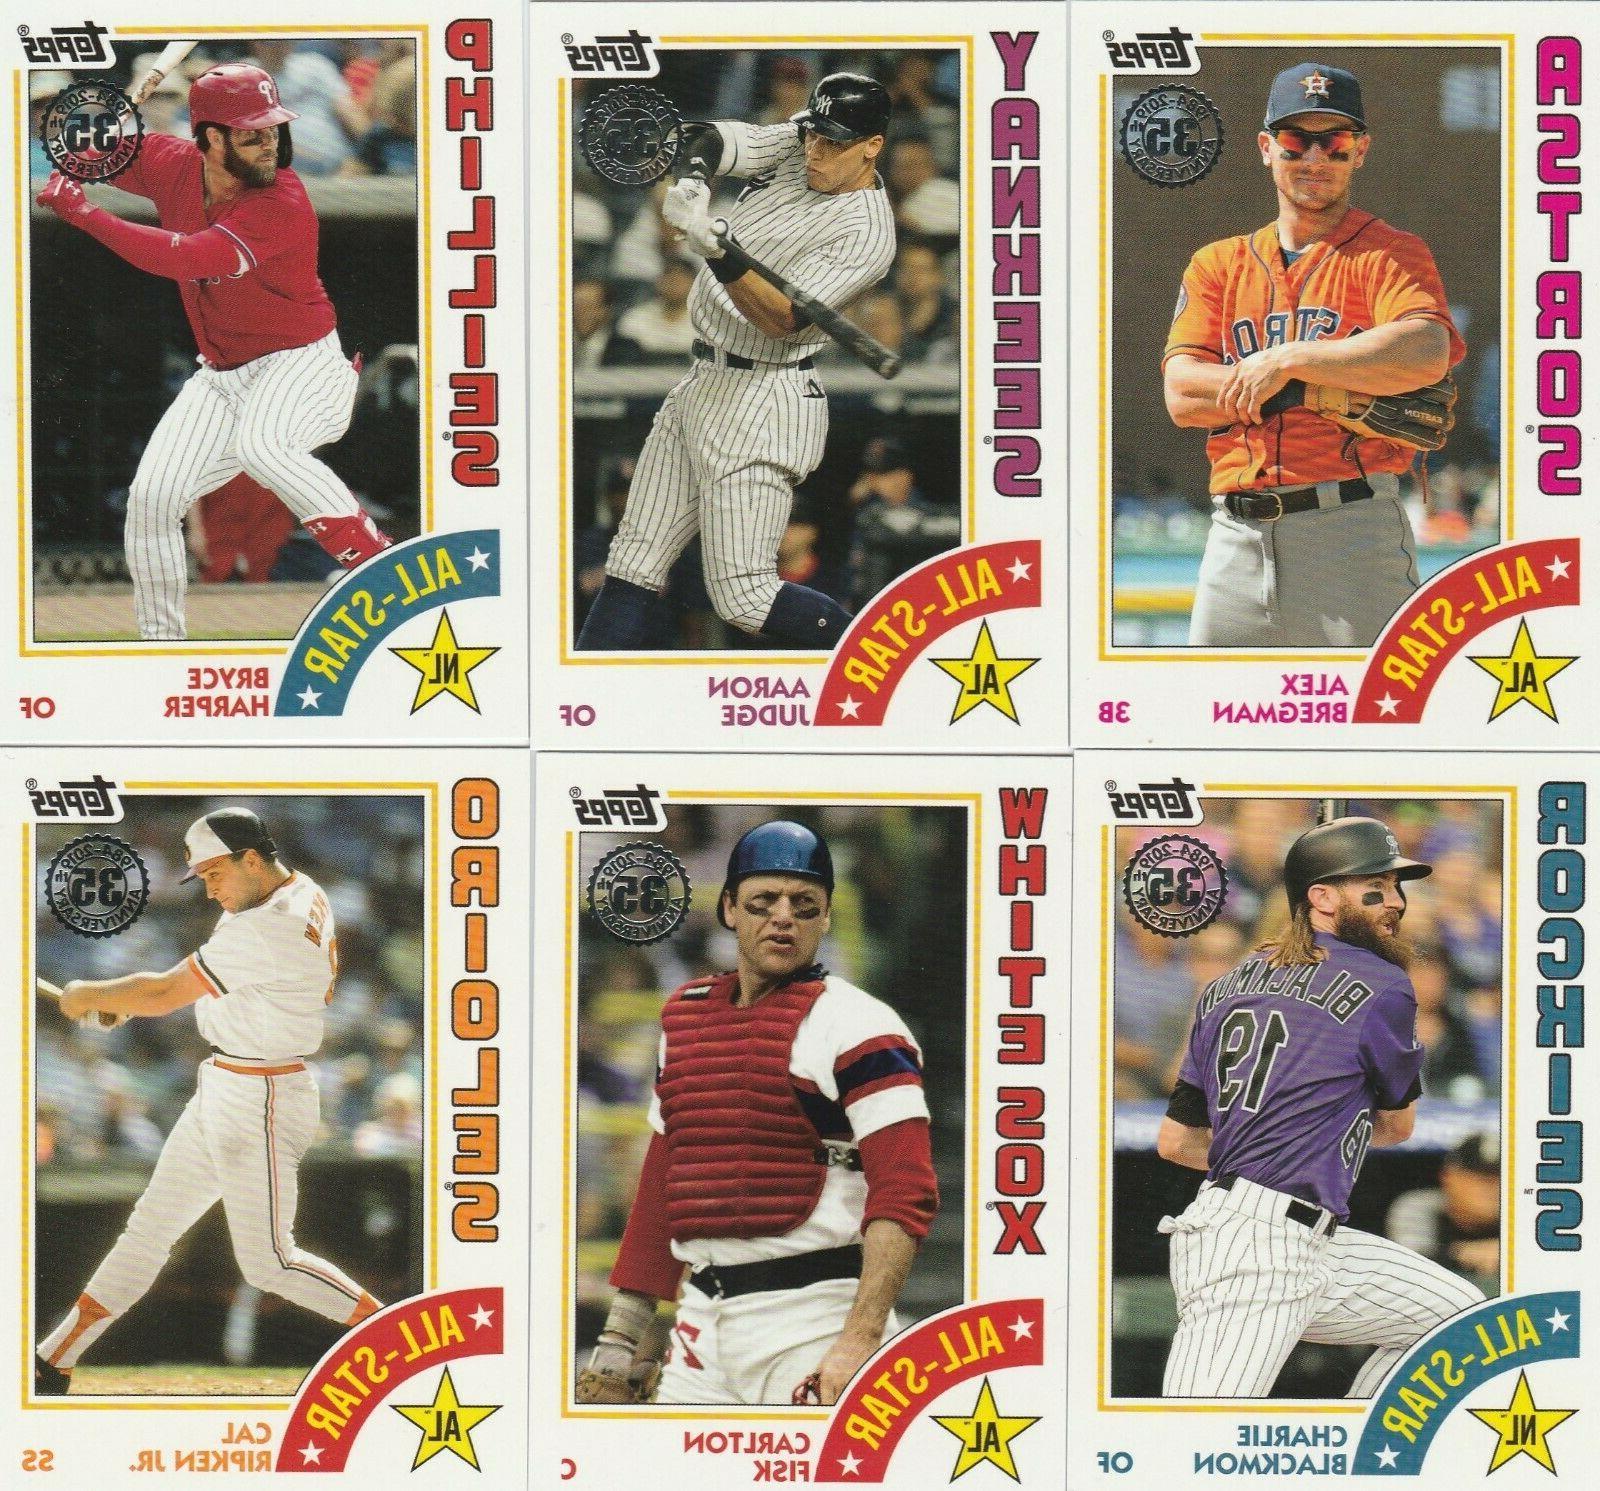 2019 topps series 2 baseball 1984 topps